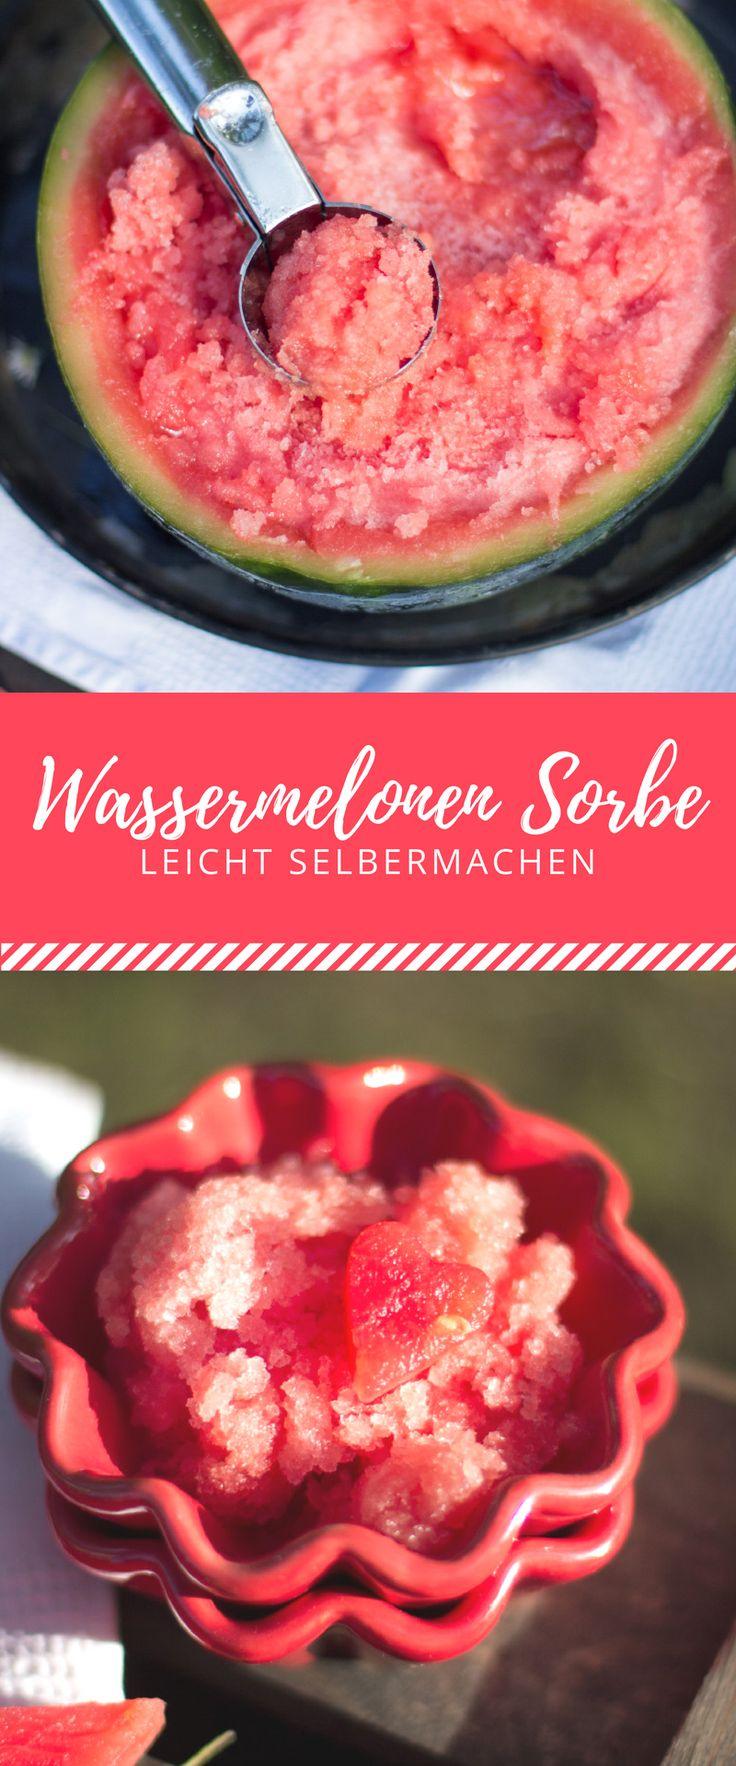 Super einfaches Wassermelonen Sorbe. Kalorienarmere Alternative zur Eiscreme. Mit diesem leichten Rezept leicht nachmachen!